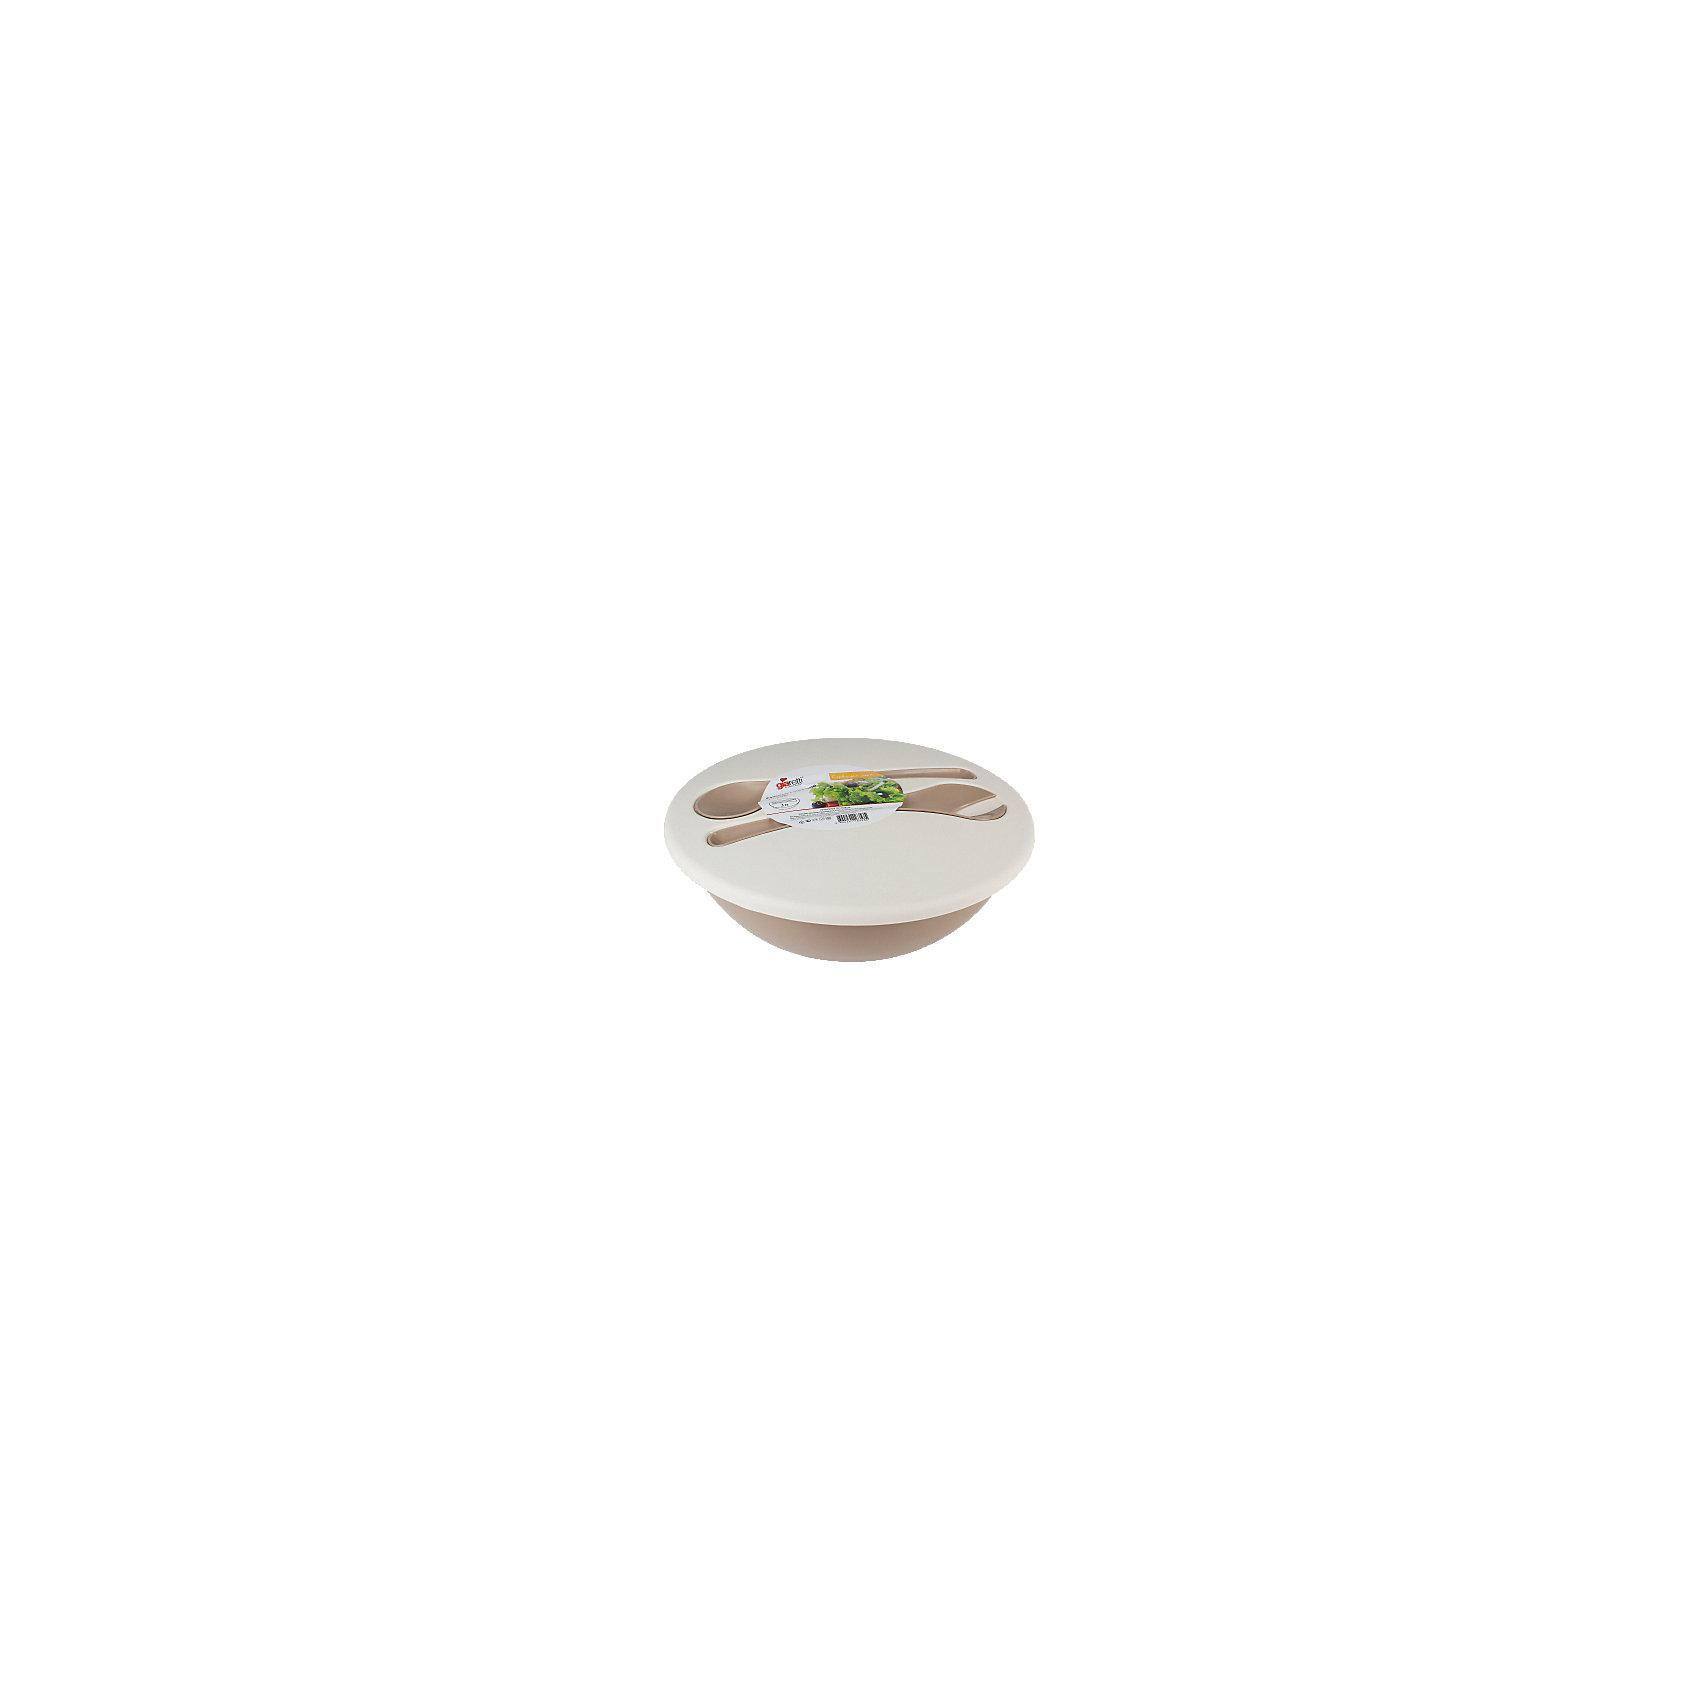 Салатник Dolche 3 л с крышкой и приборами, GiarettiПосуда<br>Салатник Dolche 3 л с крышкой и приборами, Giaretti<br><br>Характеристики:<br><br>• Цвет: бежевый, коричневый<br>• Материал: пластик<br>• В комплекте: 1 салатник, крышка, приборы<br>• Объем: 3 литра<br><br>Благодаря яркому интересному дизайну этот салатник можно использовать как для приготовления блюд, так и для их подачи на стол. Он имеет литраж 3 л и может использоваться как в большой компании, так и на семейном обеде. Благодаря приборам, идущим в комплектации, его удобно брать с собой, чтобы перемешивать ингредиенты  на пикнике за городом. Приборы плотно крепятся к крышке и позволяют легко и удобно транспортировать салатник. Все элементы набора изготовлены из высококачественного пищевого пластика.<br><br>Салатник Dolche 3 л с крышкой и приборами, Giaretti можно купить в нашем интернет-магазине.<br><br>Ширина мм: 295<br>Глубина мм: 280<br>Высота мм: 110<br>Вес г: 241<br>Возраст от месяцев: 216<br>Возраст до месяцев: 1188<br>Пол: Унисекс<br>Возраст: Детский<br>SKU: 5545620